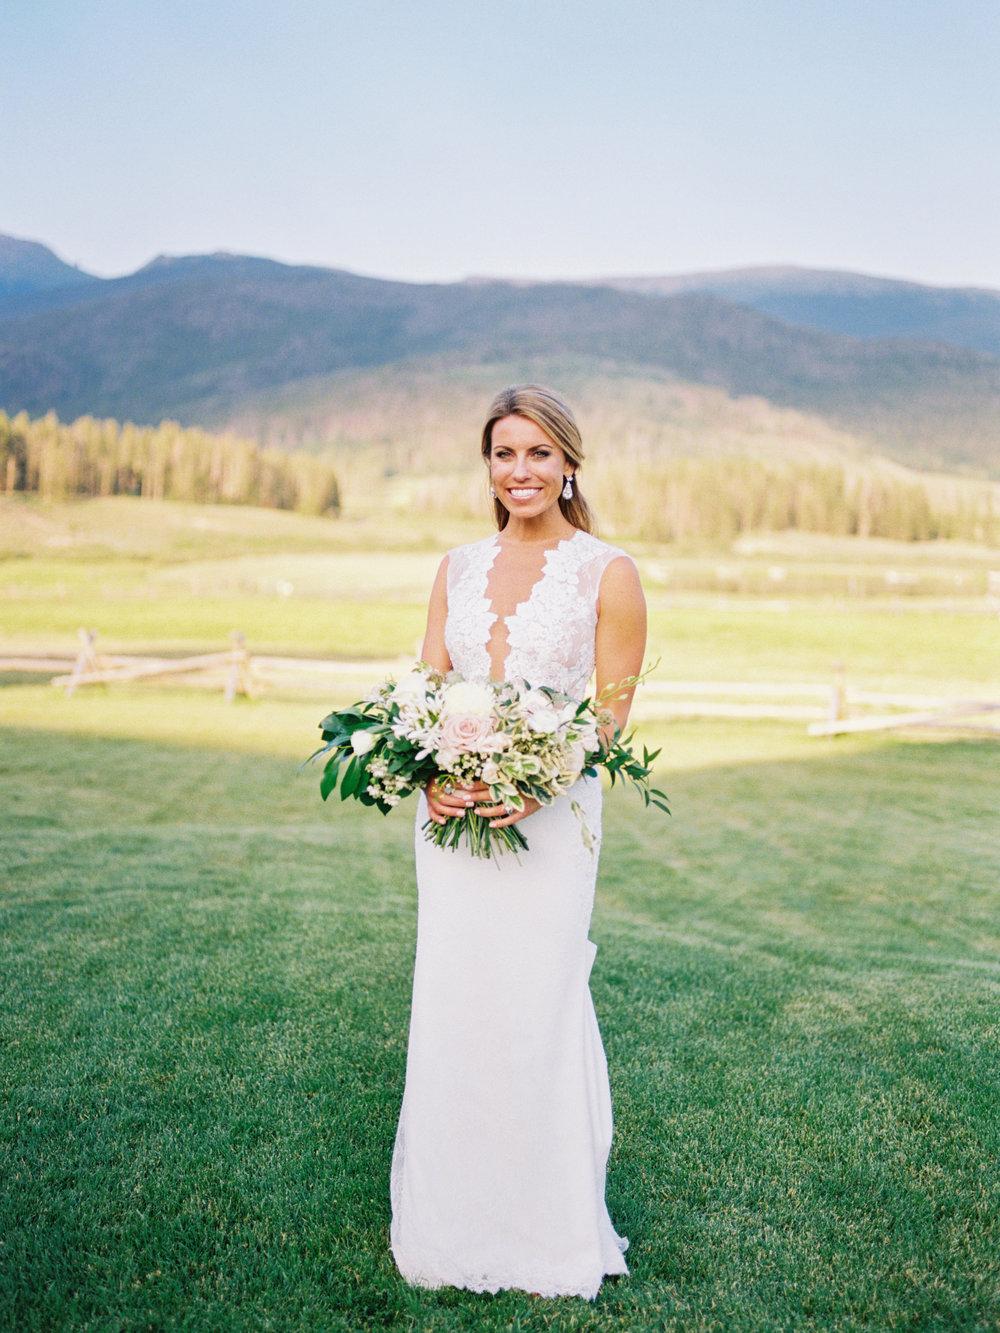 Tara_Bielecki_Photography_Brooke_Bryan_Wedding_504.jpg